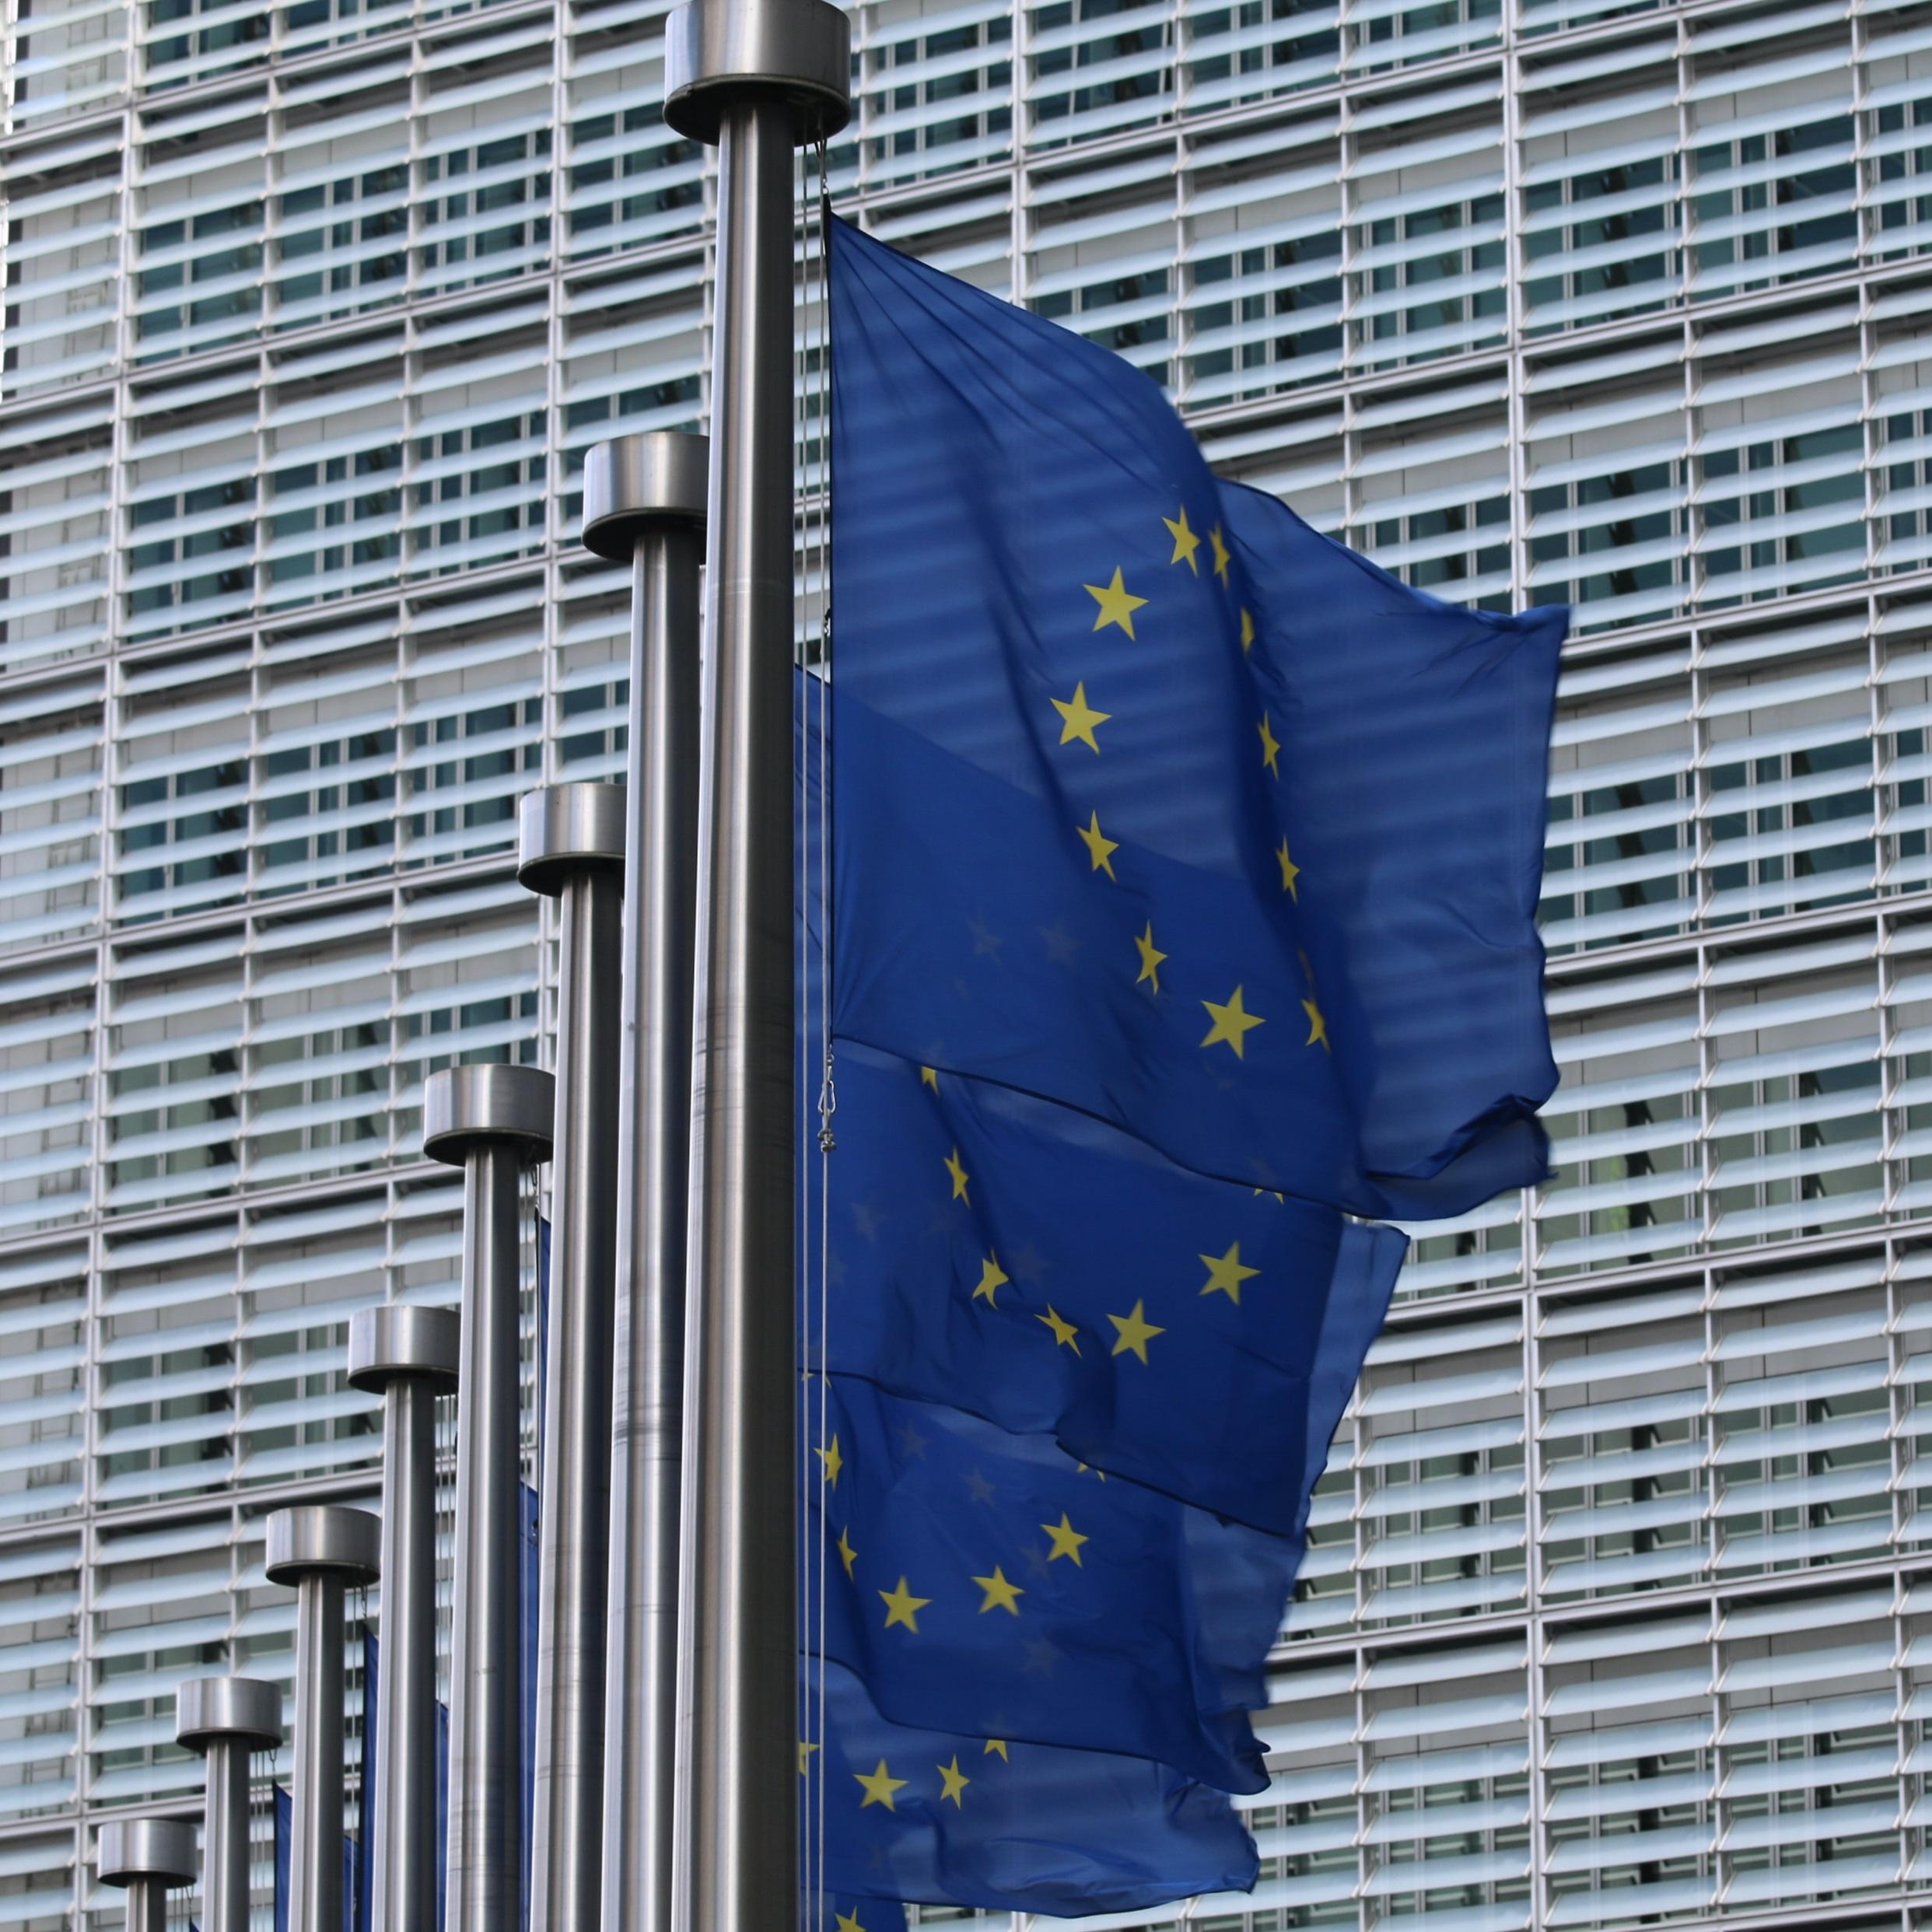 eventos asociación DigitalES y fondos europeos